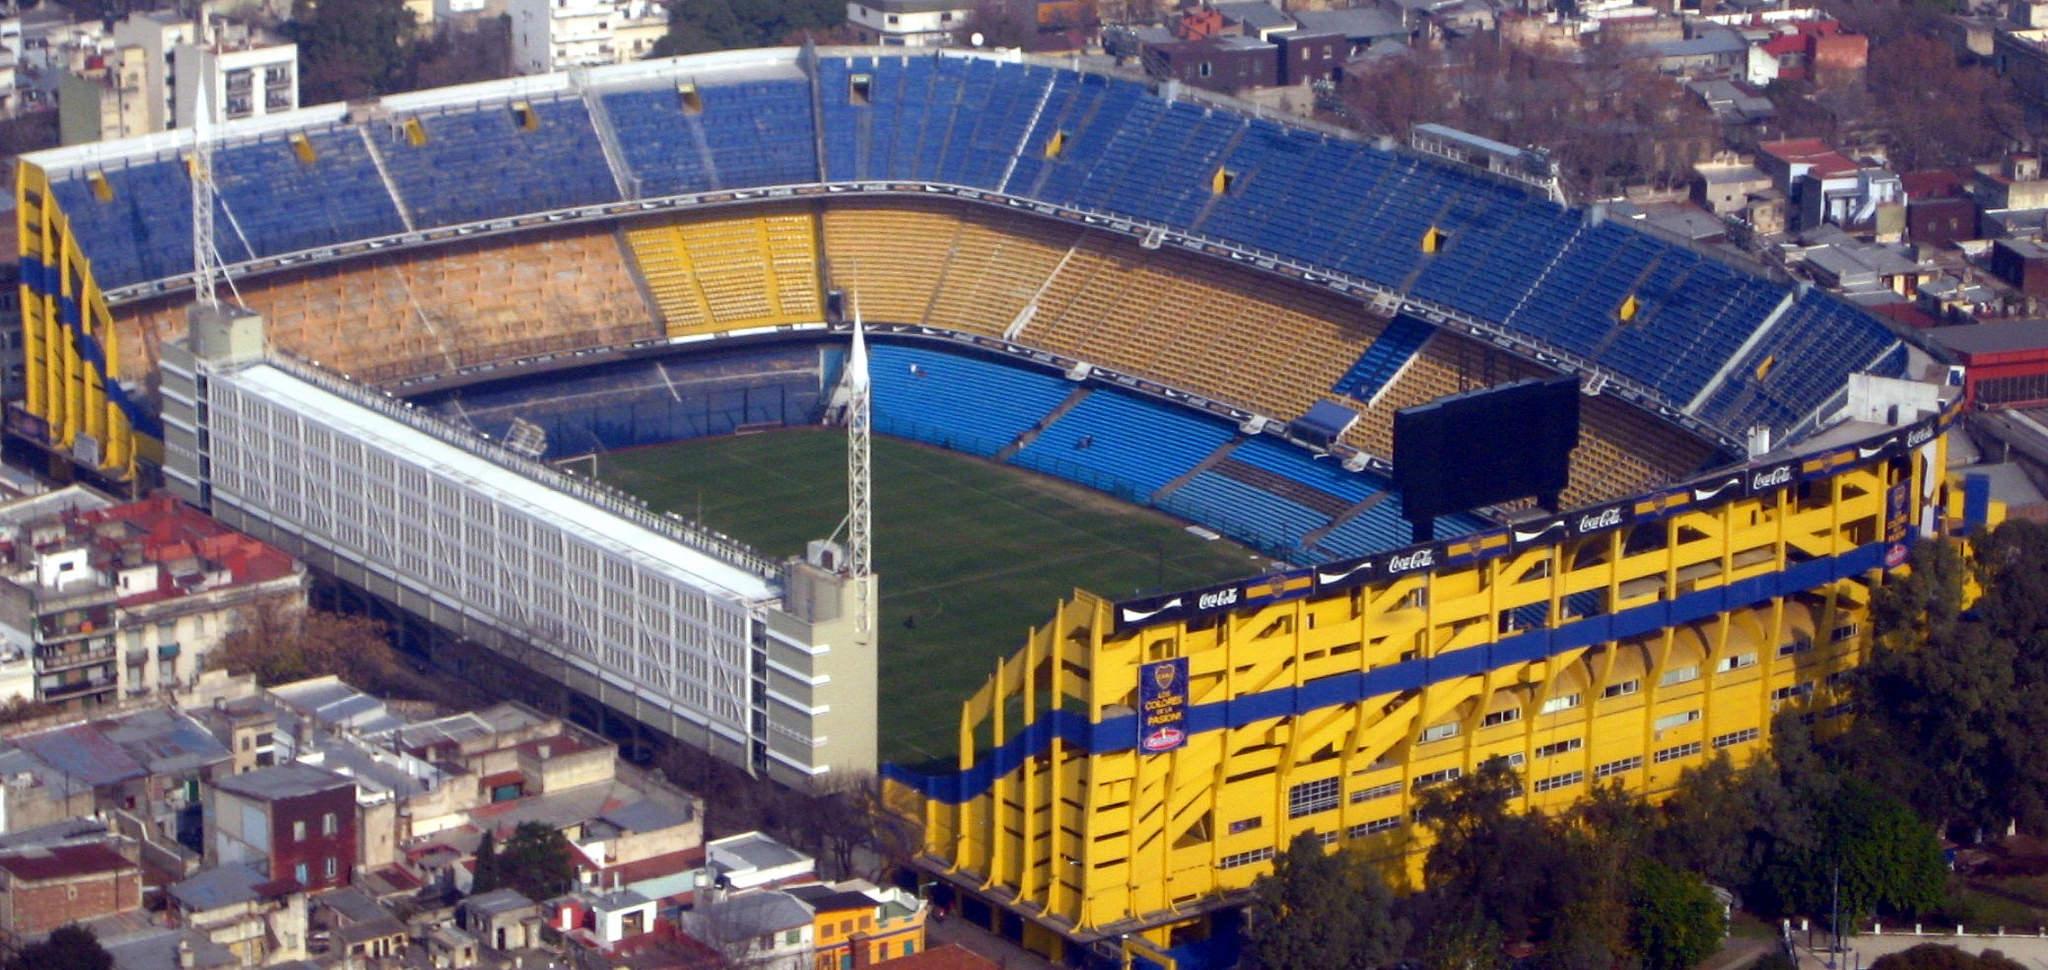 Ein wuchtiges, rechteckiges Fußballstadion in Blau und Gelb, mitten in Buenos Aires.